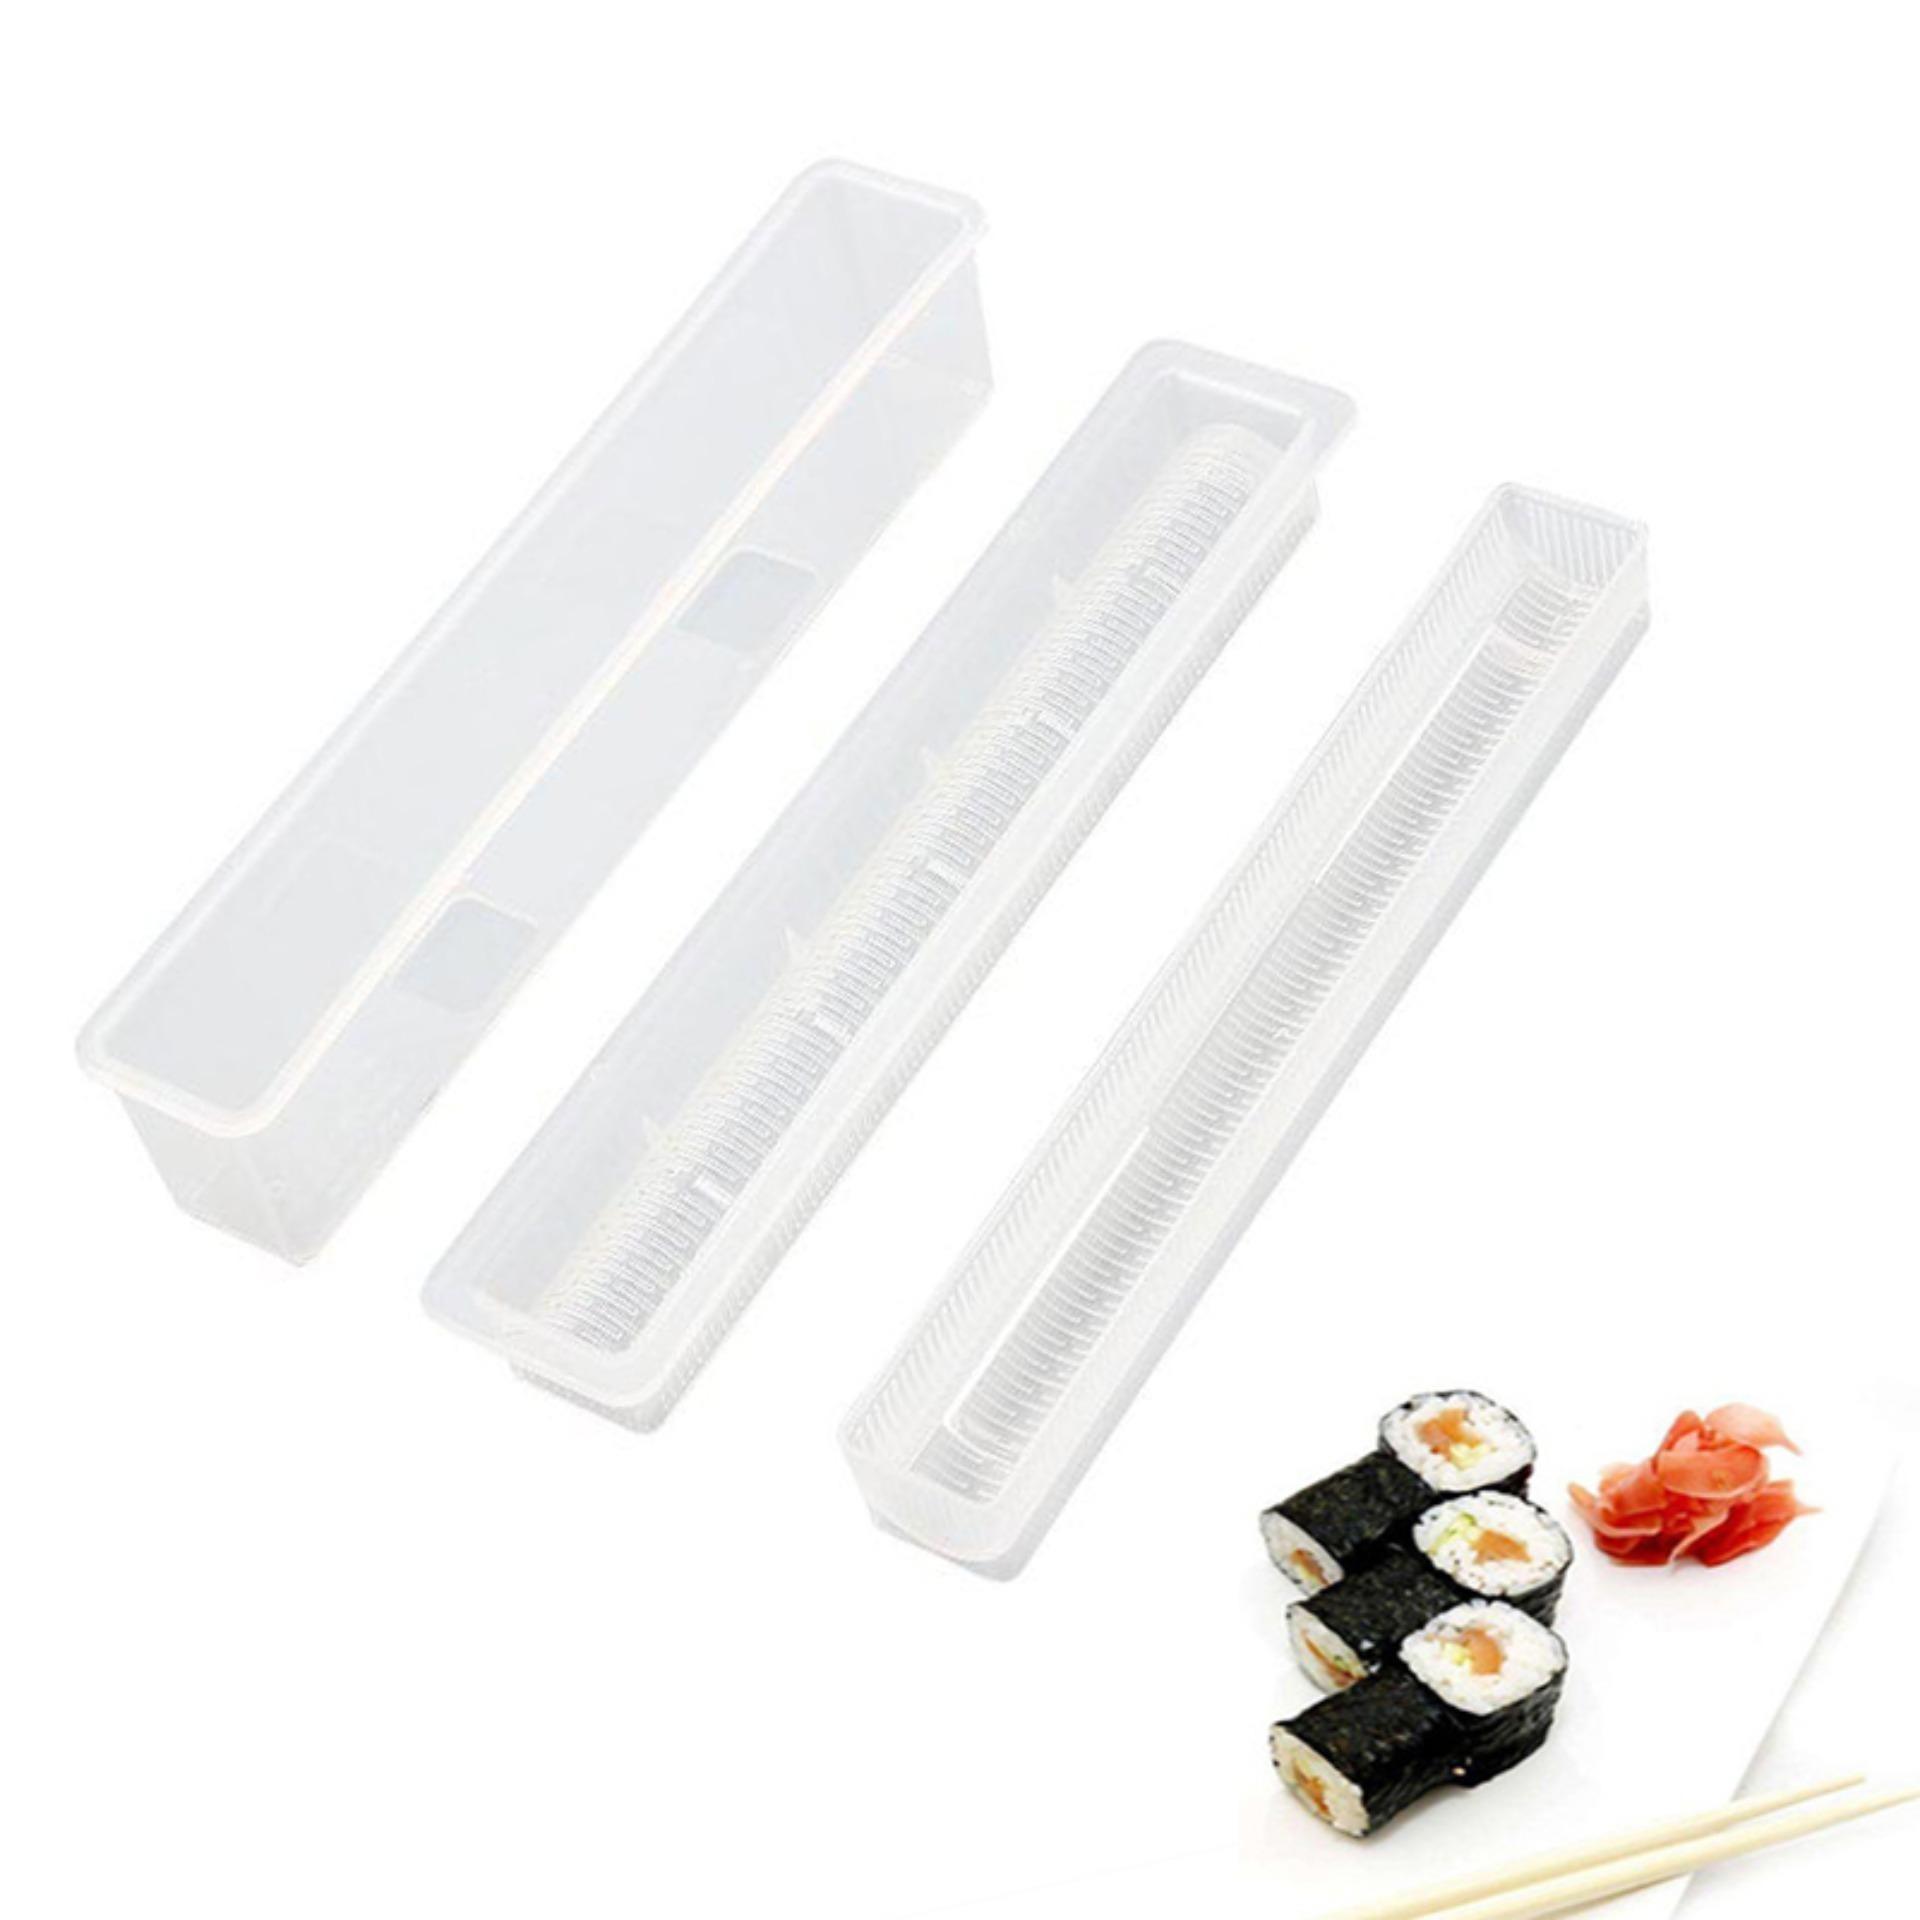 Lovely Panda Mudah Sushi Cetakan Dapur Alat Bento Aksesoris Hot Lucu-IntlIDR36000. Rp 46.000